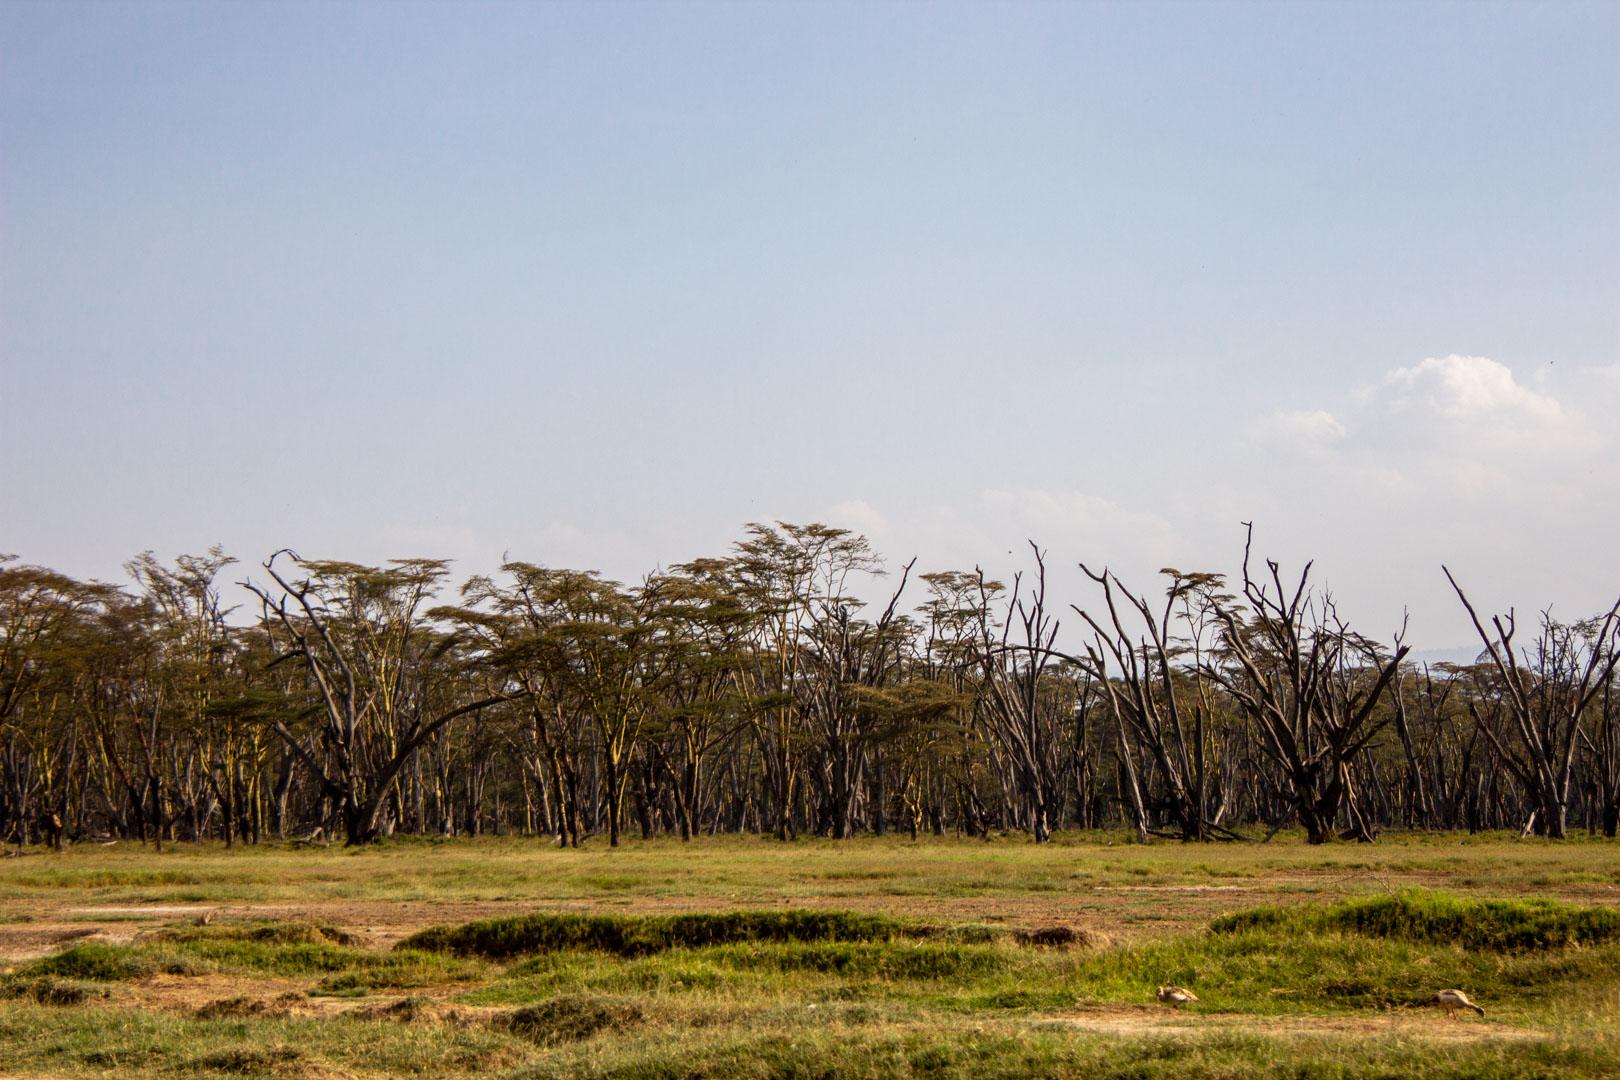 Alrededores de Lago Nakuru, Kenia